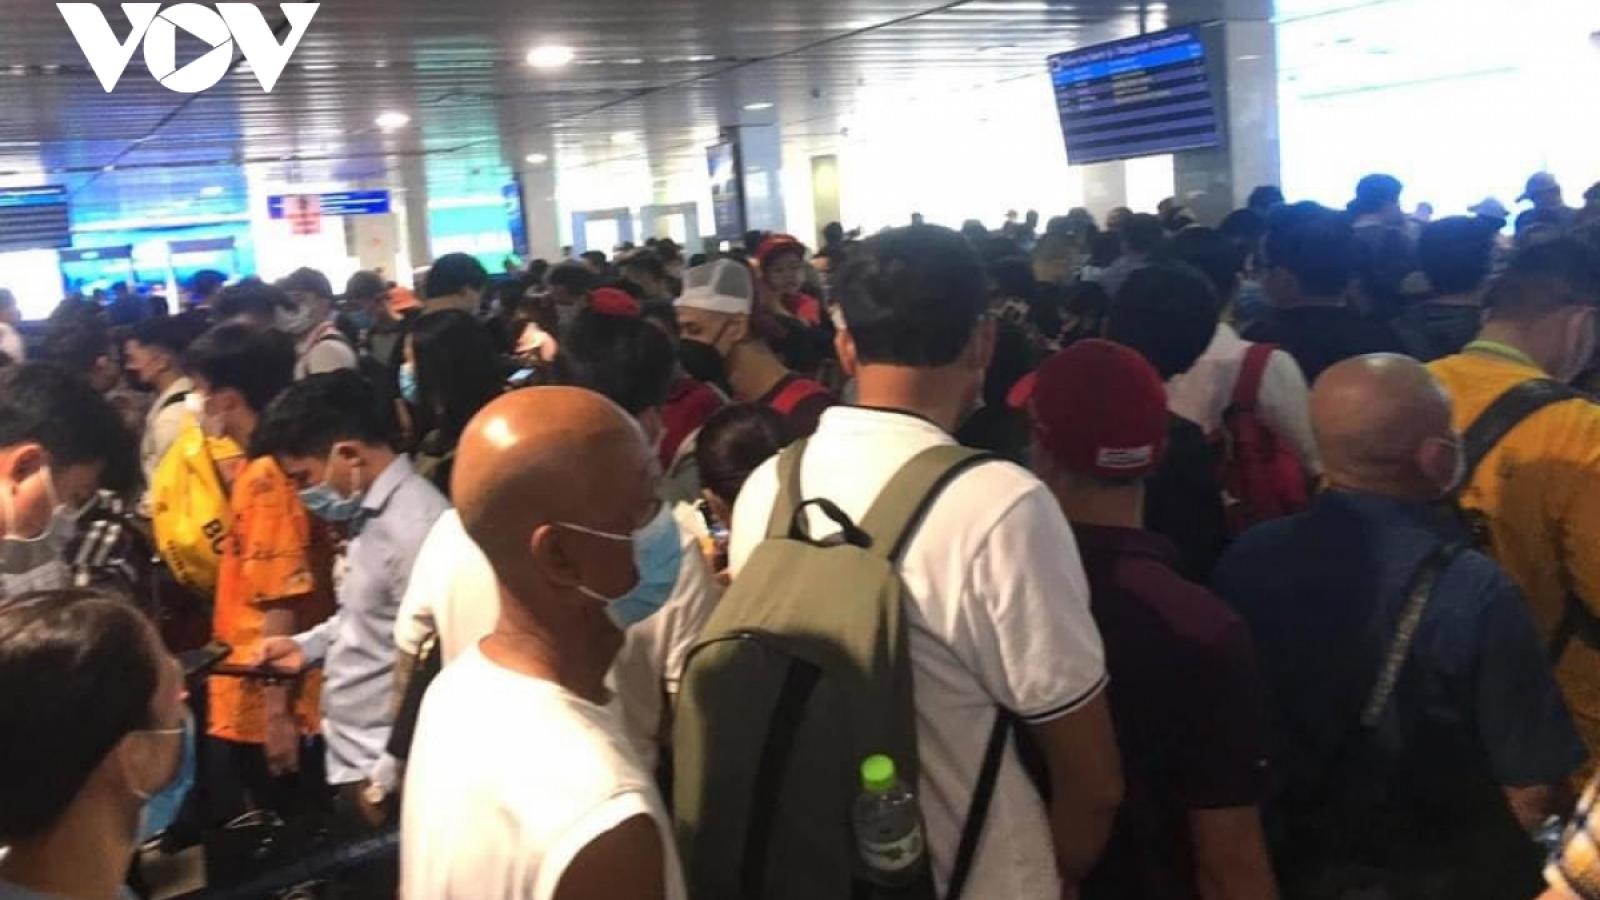 Ùn tắc tại khu vực soi chiếu an ninh sân bay Tân Sơn Nhất, ACV nói gì?